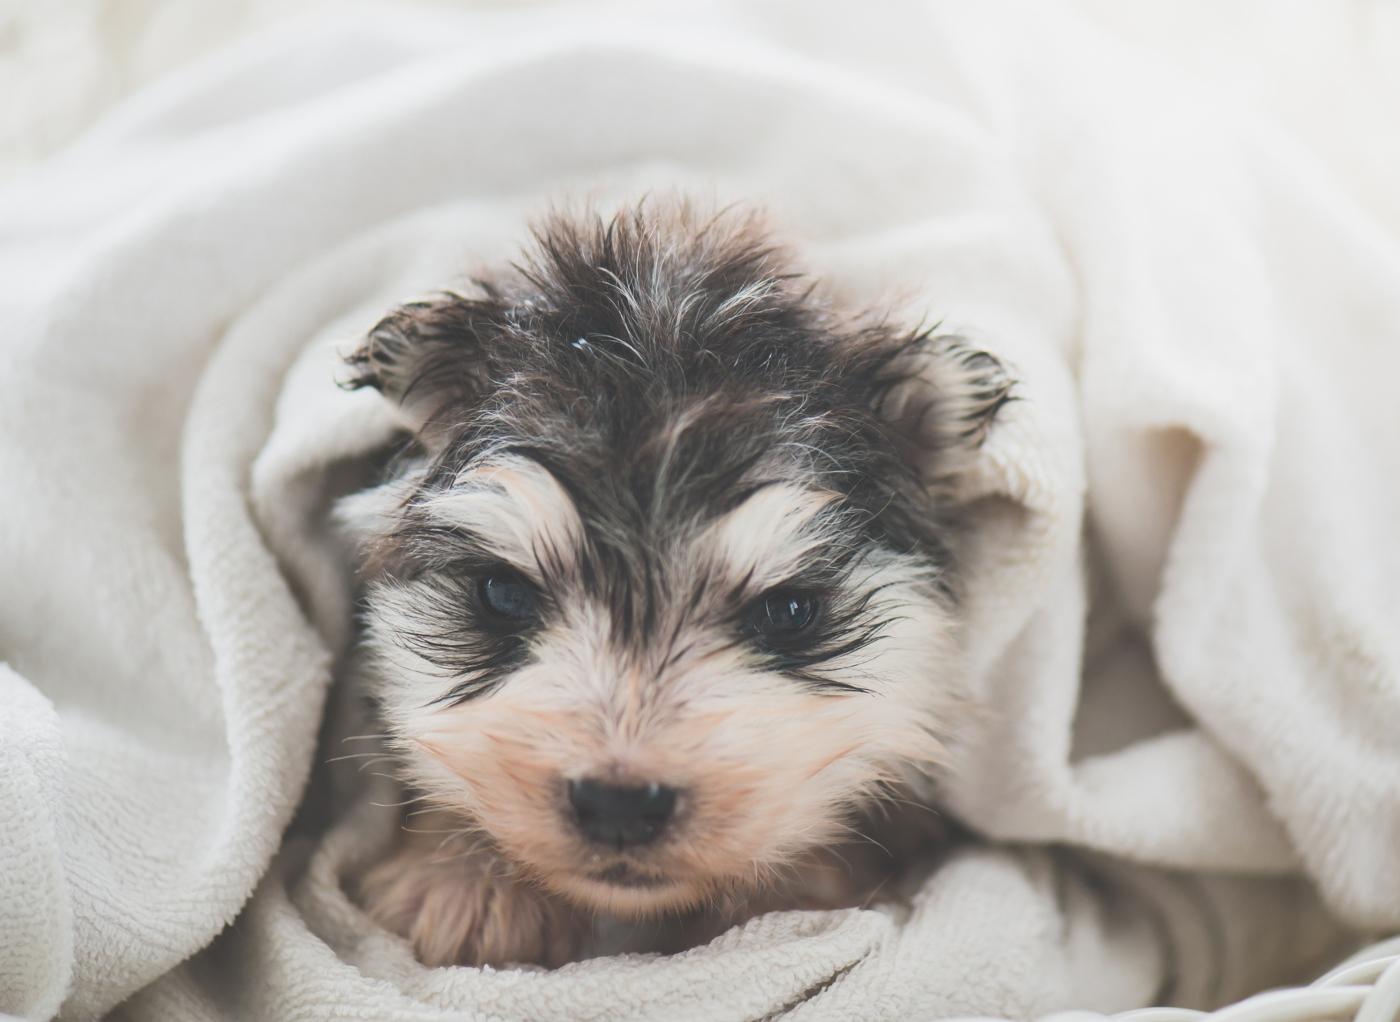 Primeiro banho ao cão: tutora a enxaguar cão